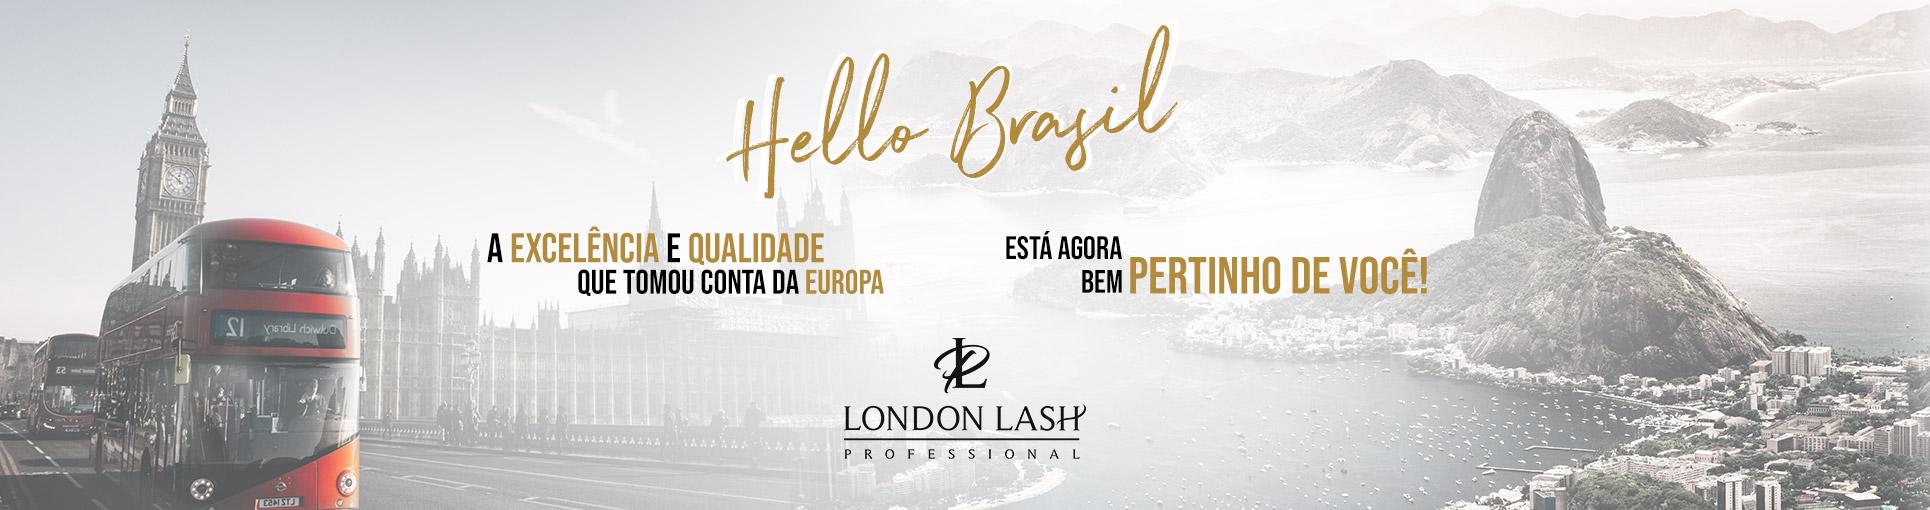 Hello Brasil